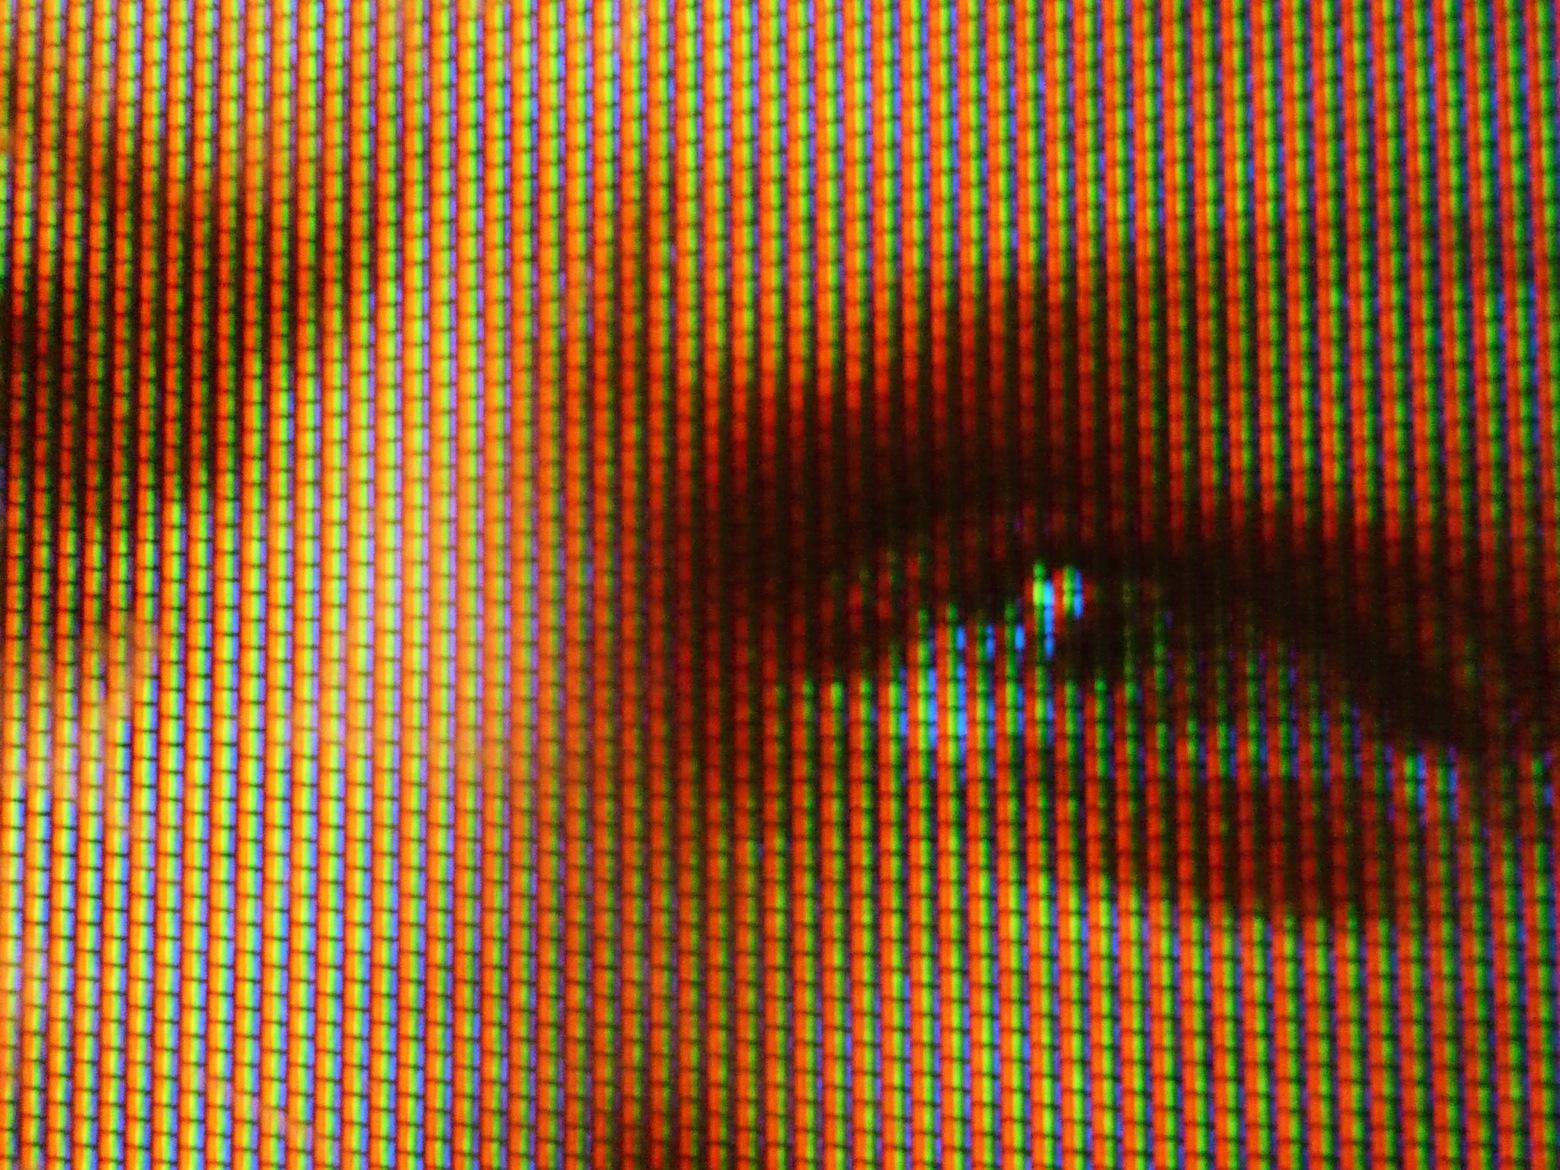 látás 70 hány dioptra látáskárosodás mértéke